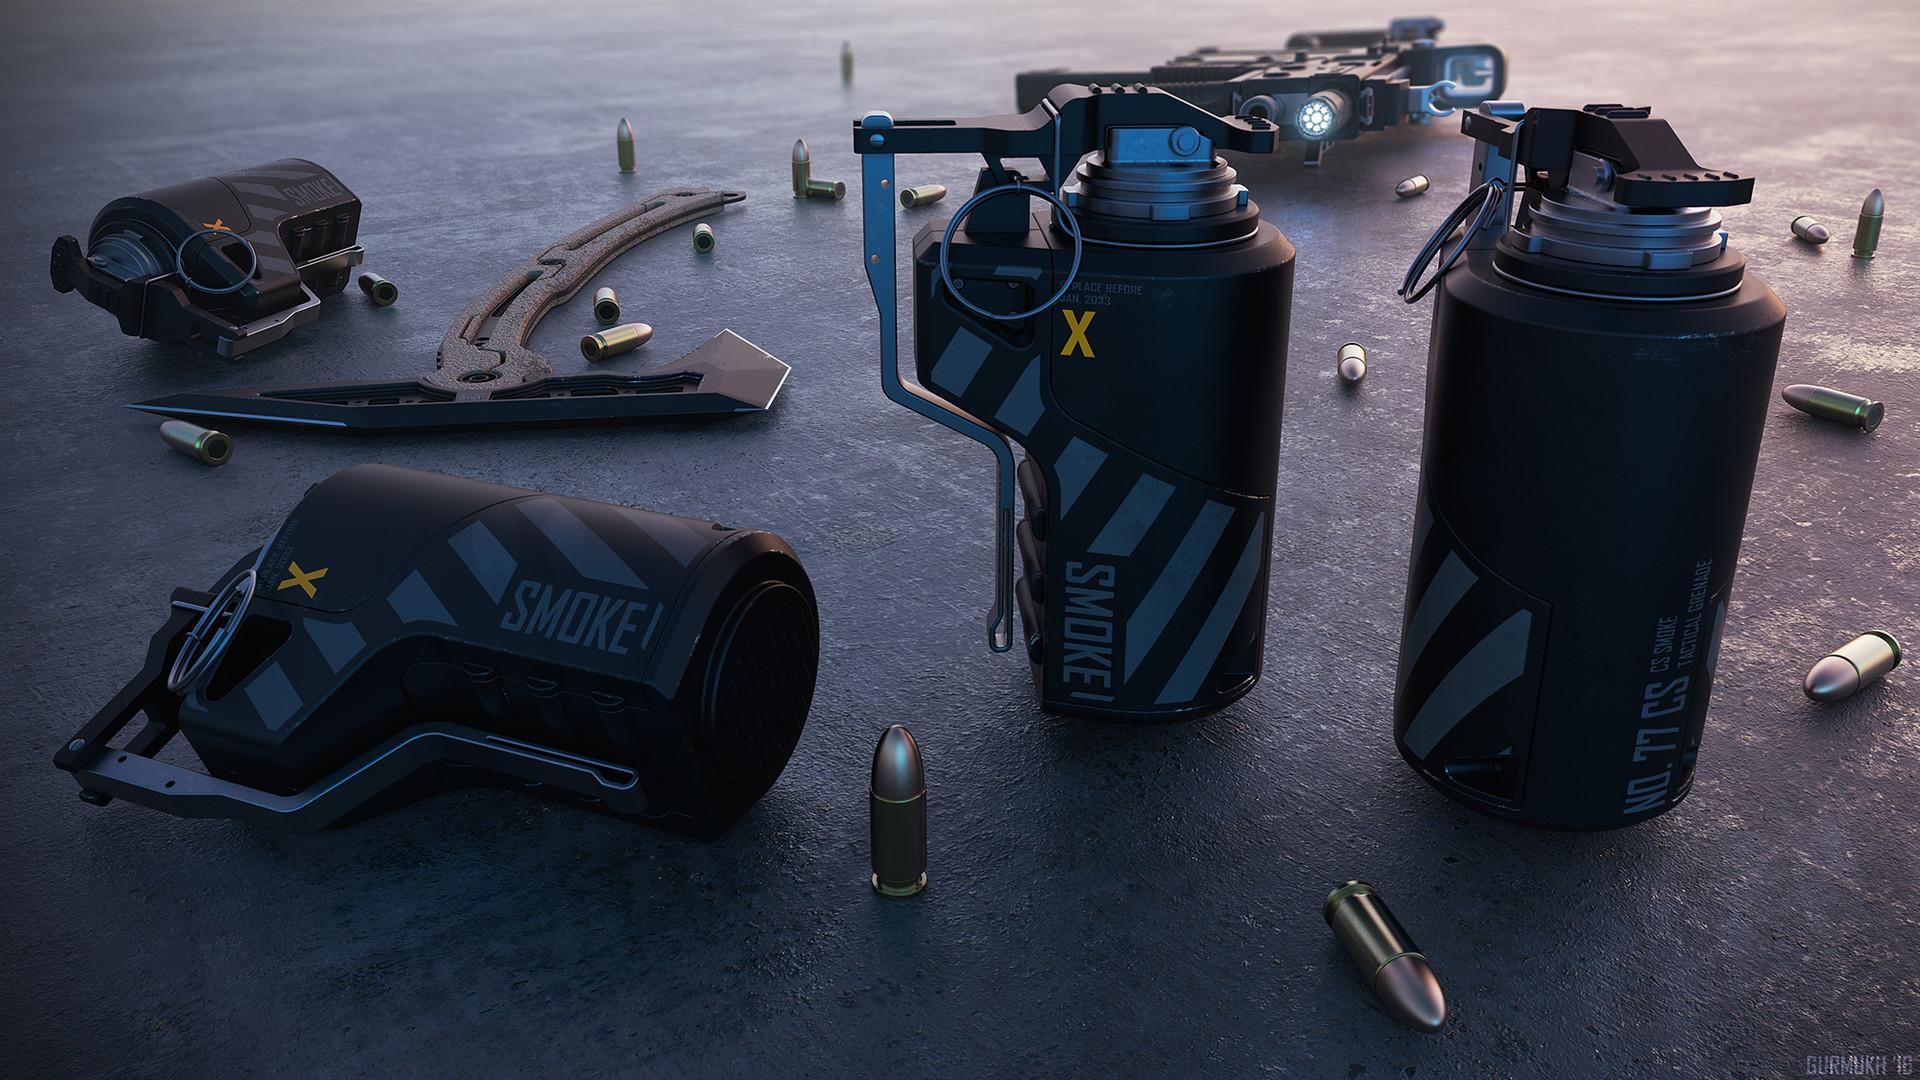 Gurmukh bhasin gurmukh grenade 02 2k